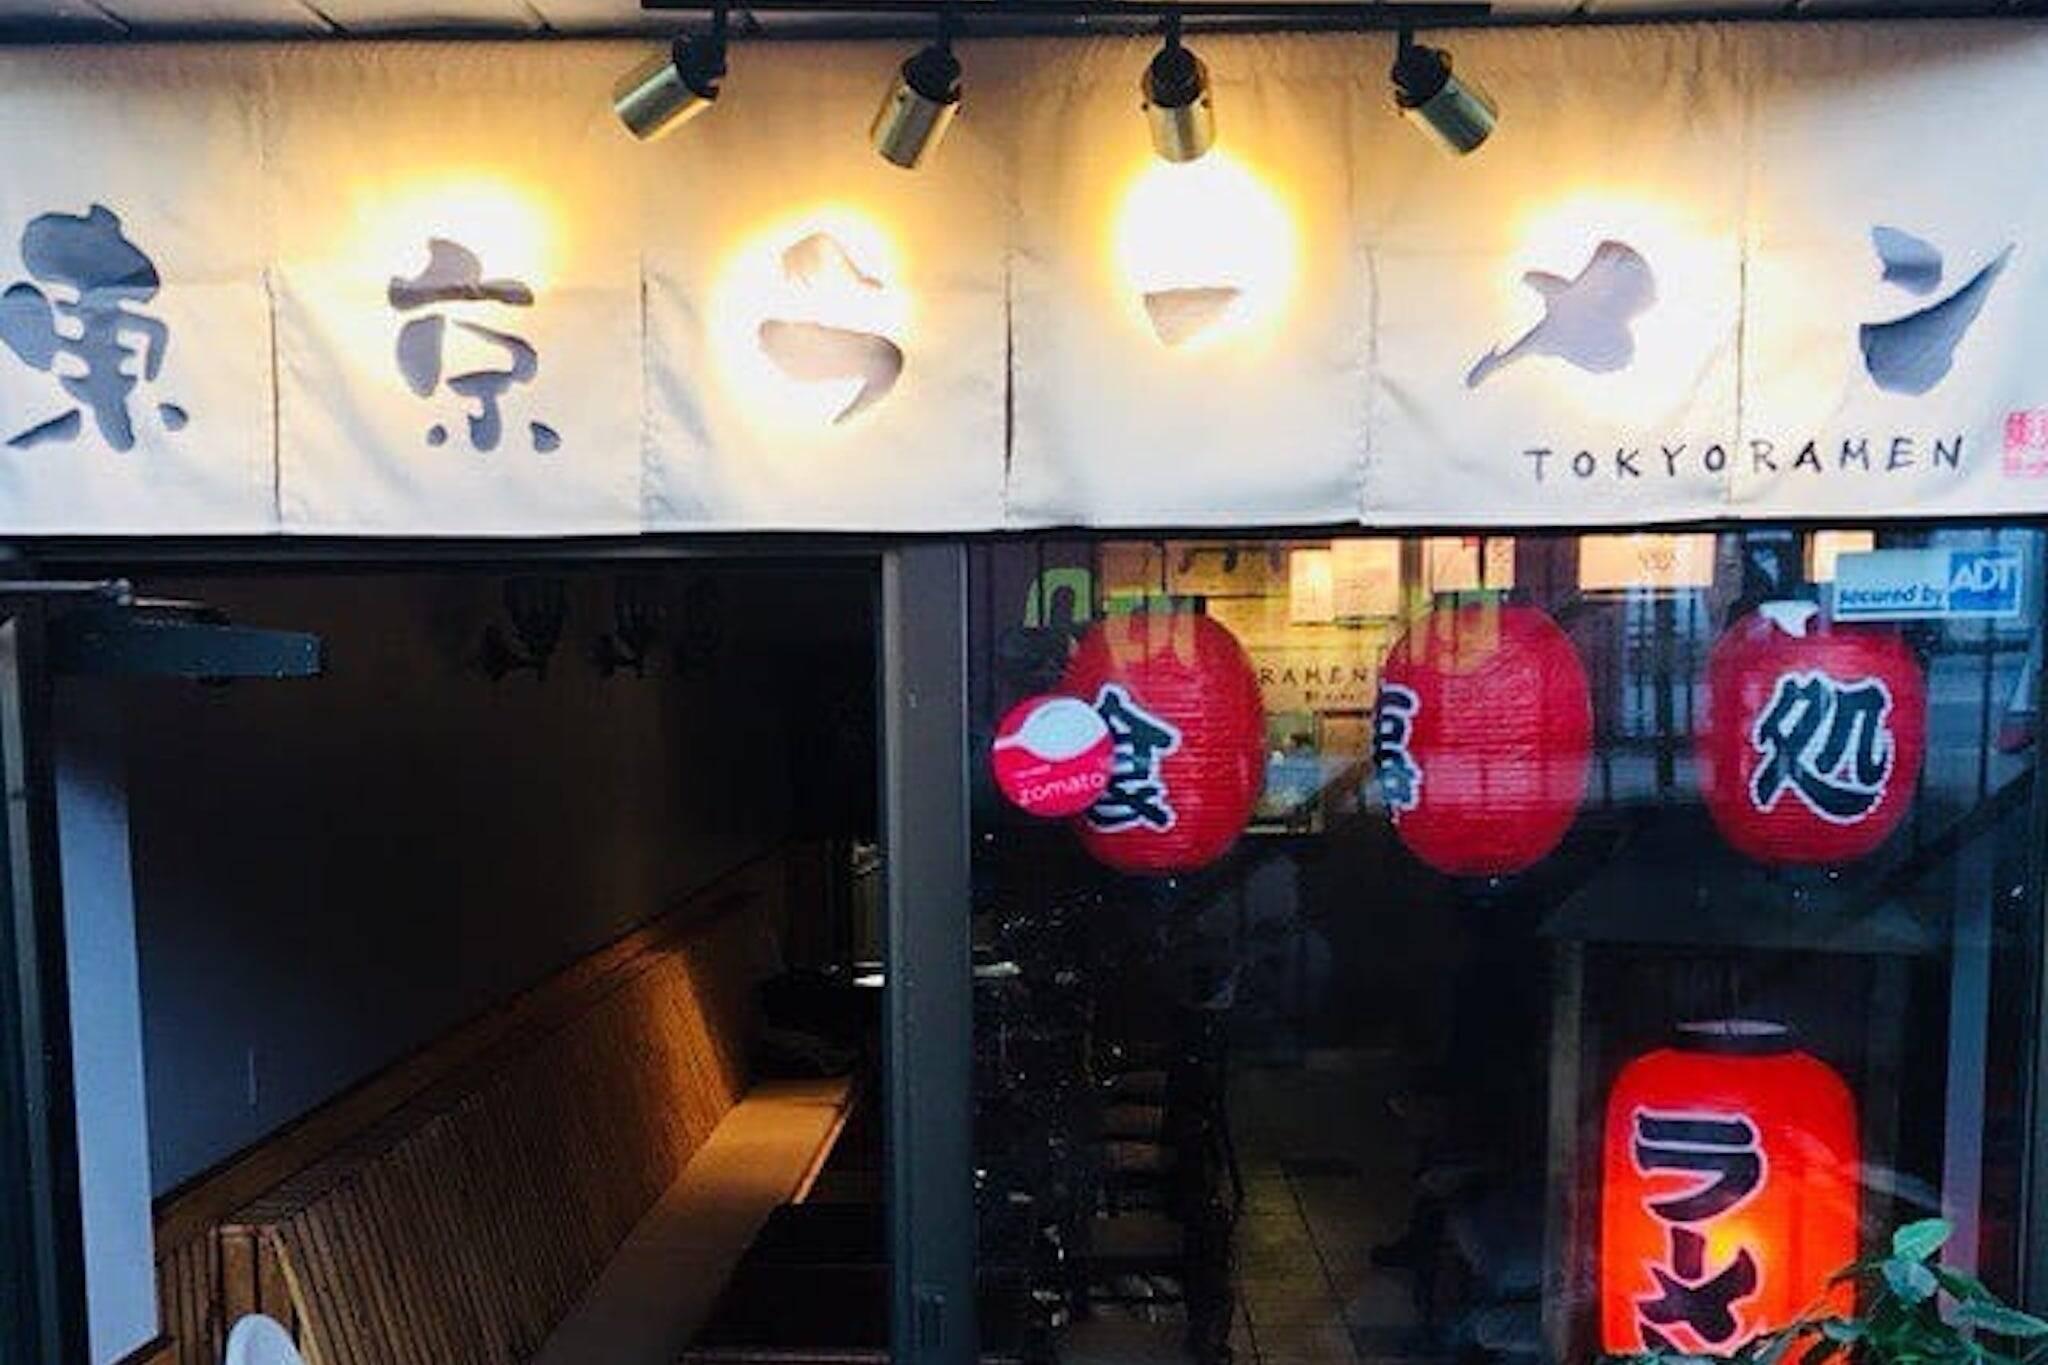 Tokyo Ramen Toronto